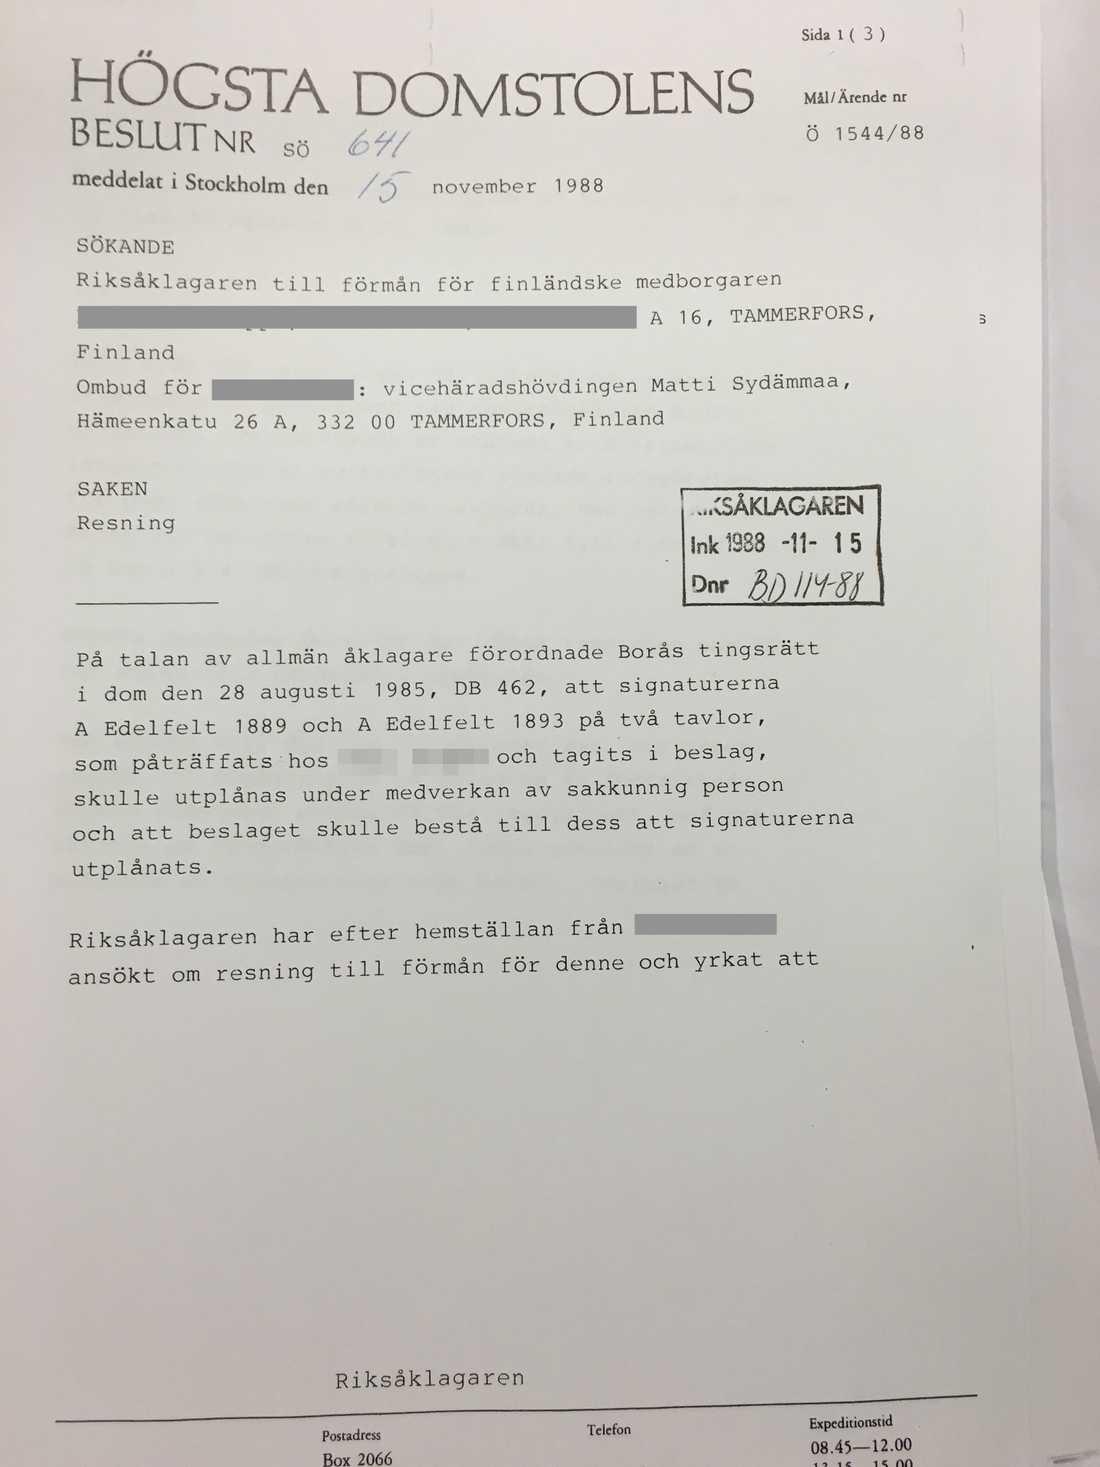 Den 15 november 1988 slog HD fast att Boråspolisen, åklagaren och finländska konstexperter haft fel - och att de två Albert Edelfelt-tavlorna var äkta.